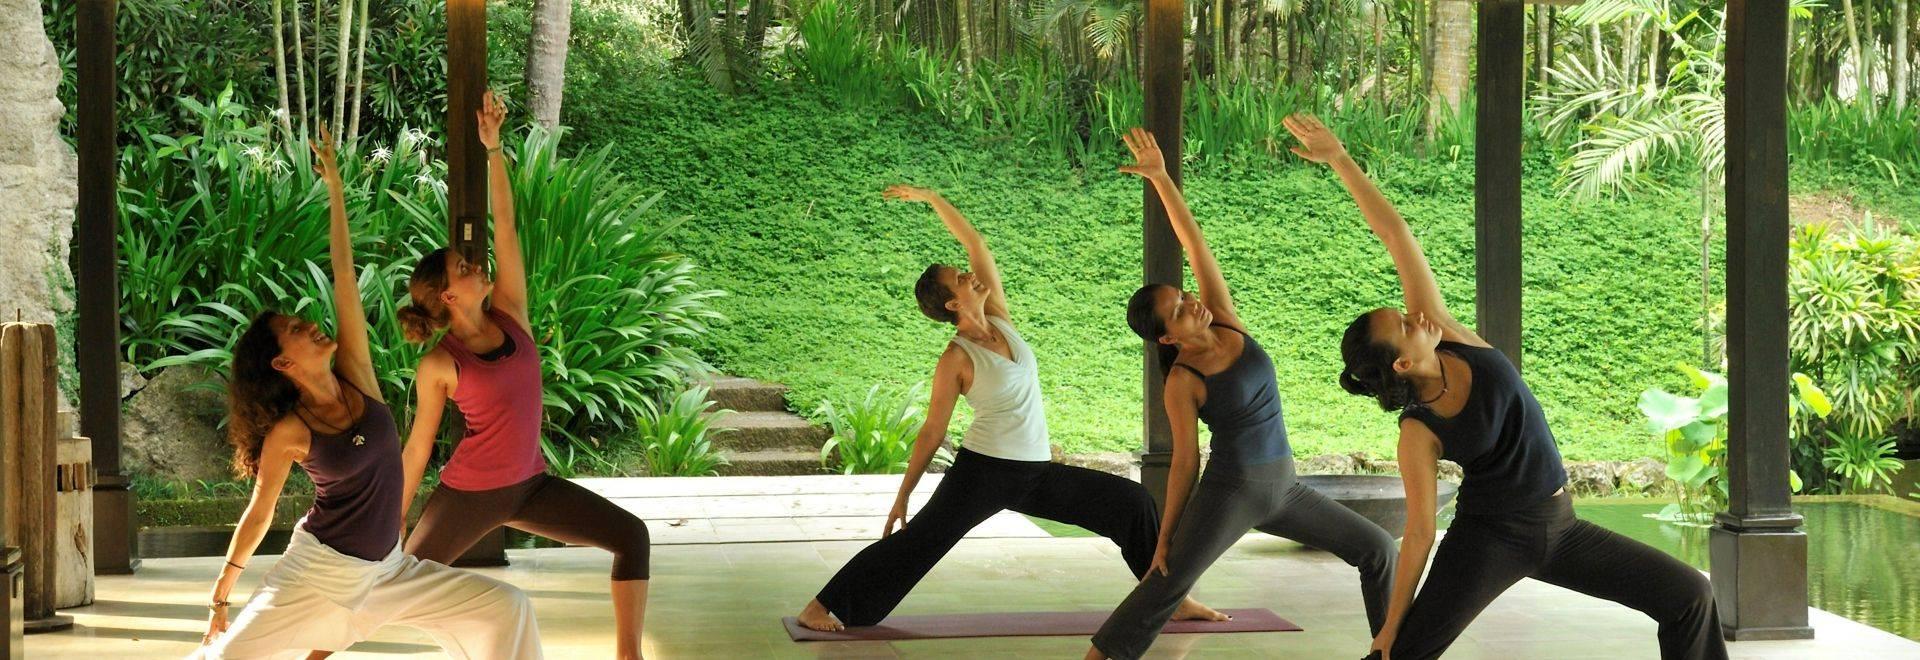 The-Farm-yoga.jpg